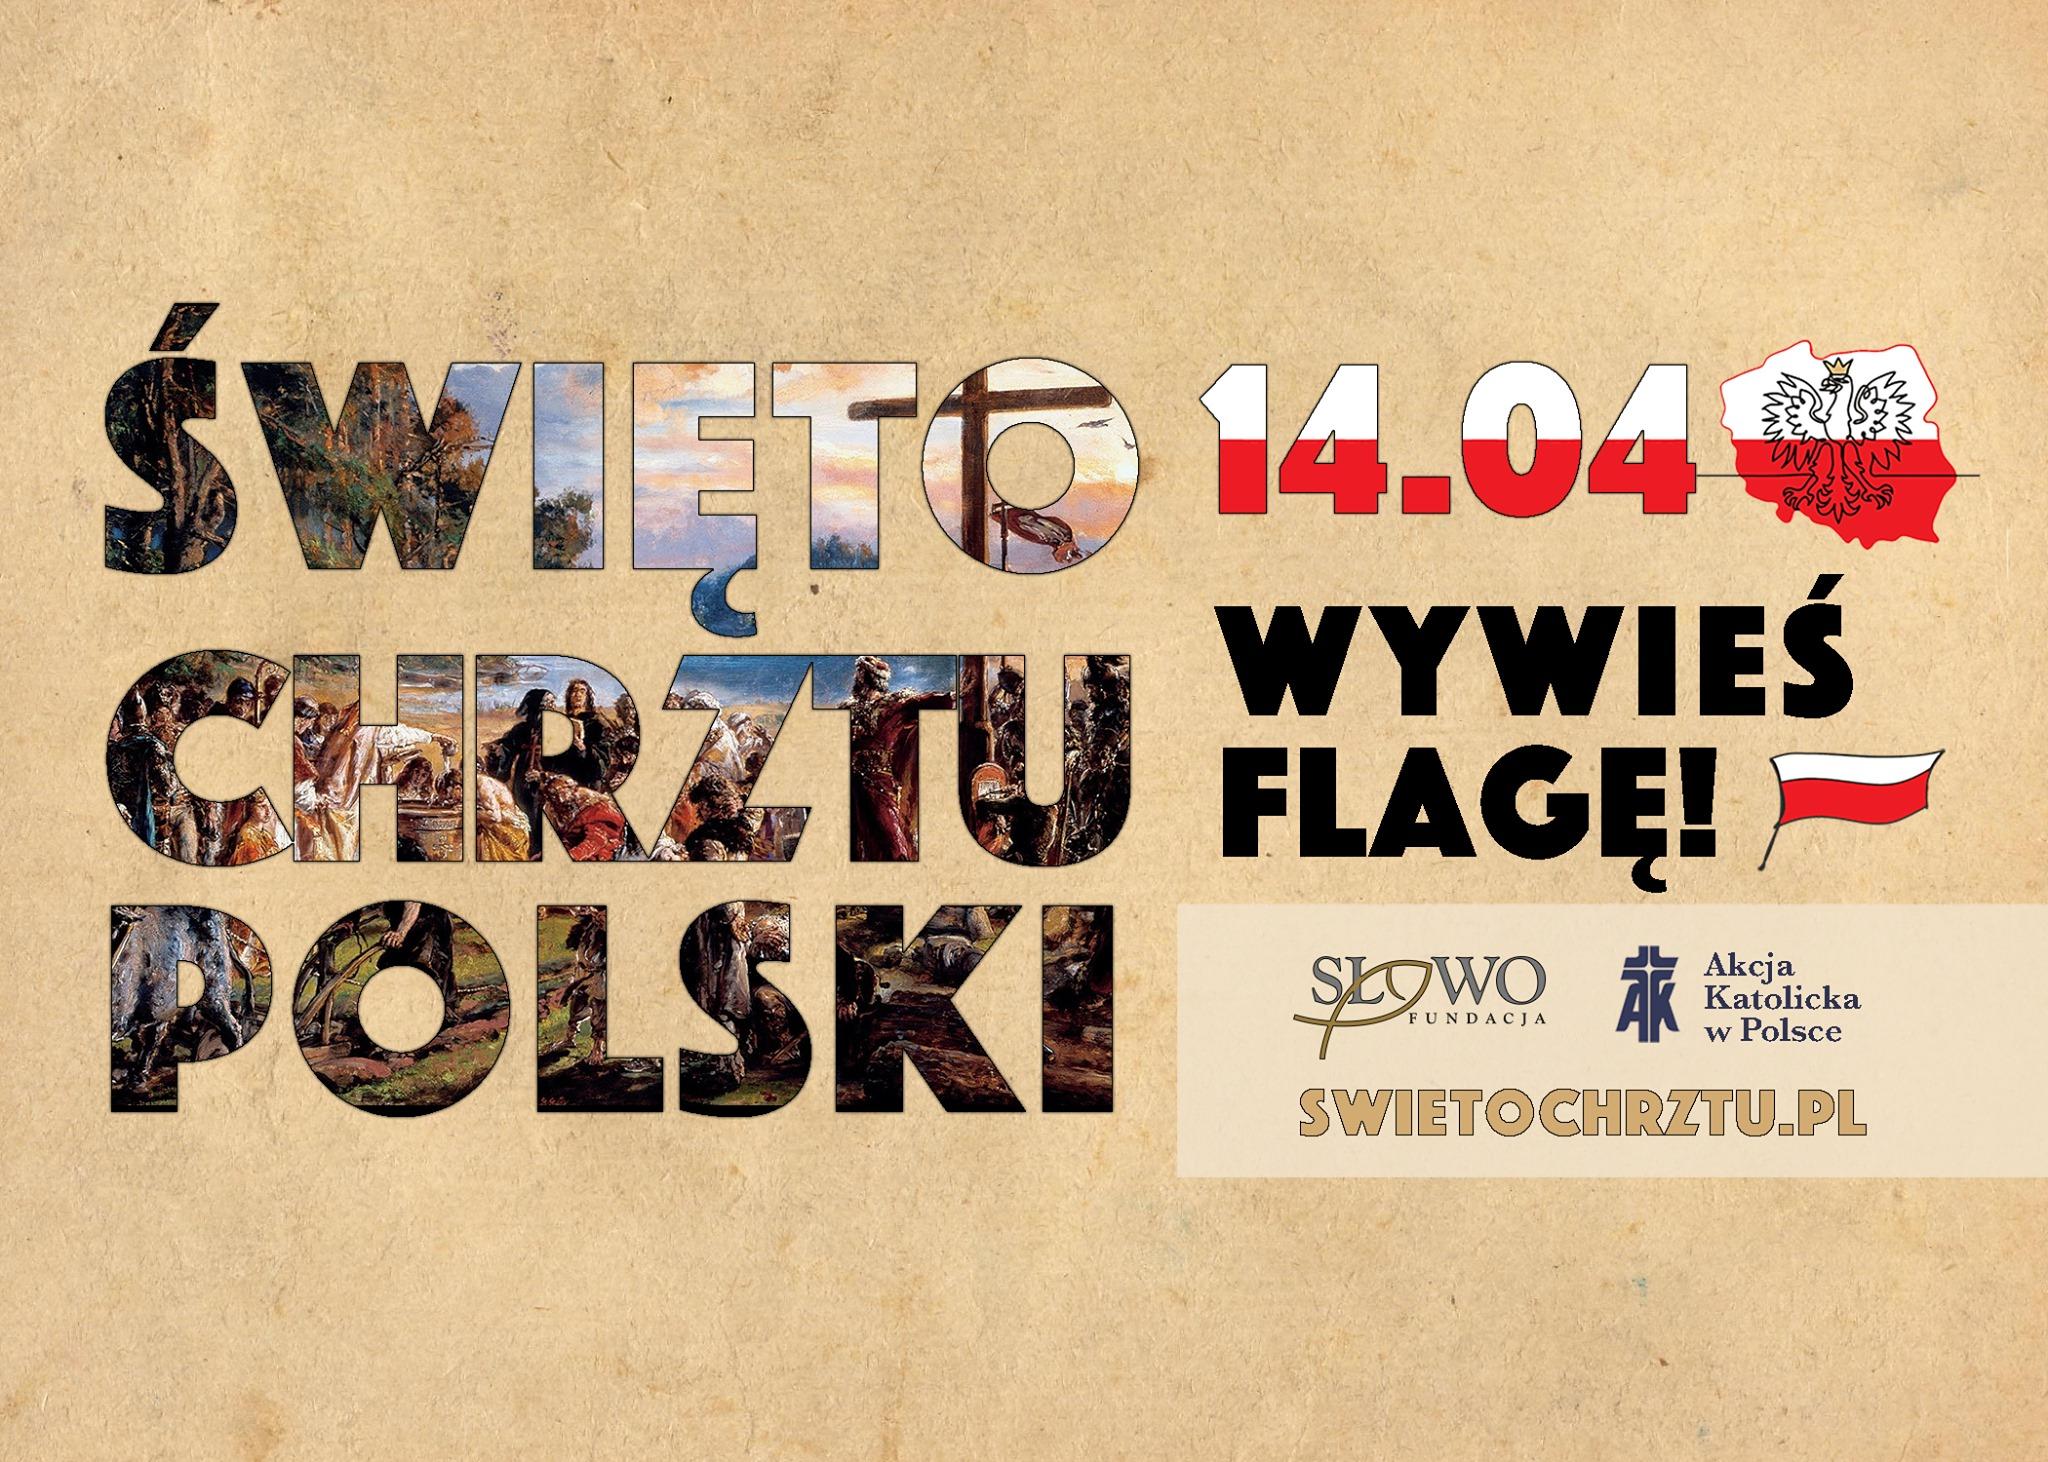 Wywieś flagę – Święto Chrztu Polskiw 14 kwietnia 2020